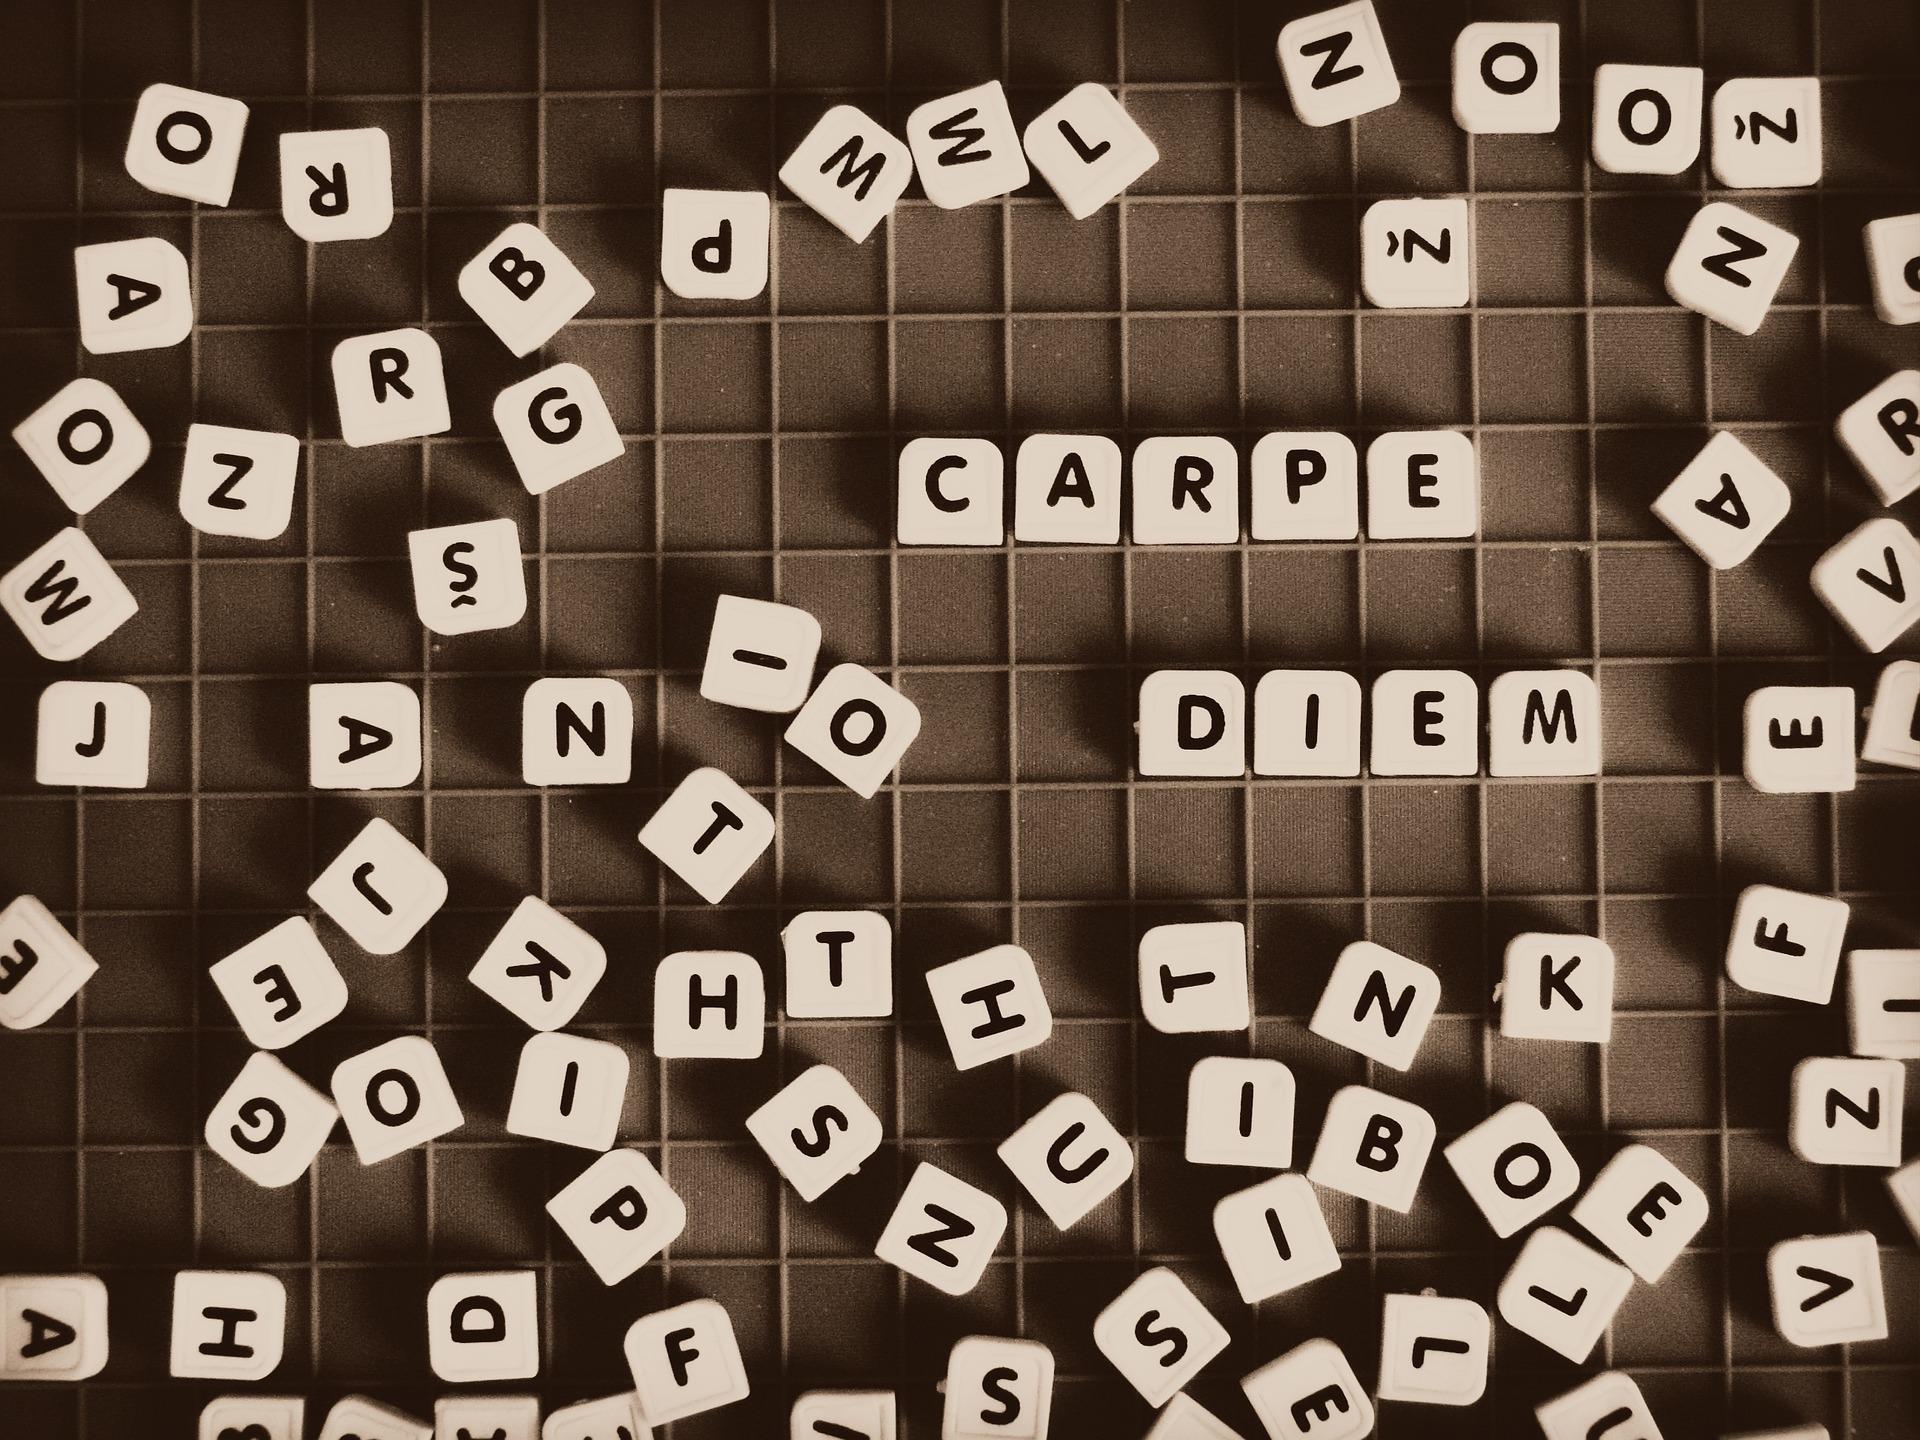 λέξεις, παιχνίδι, χρονολόγηση, Στίχοι, ζωή - Wallpapers HD - Professor-falken.com